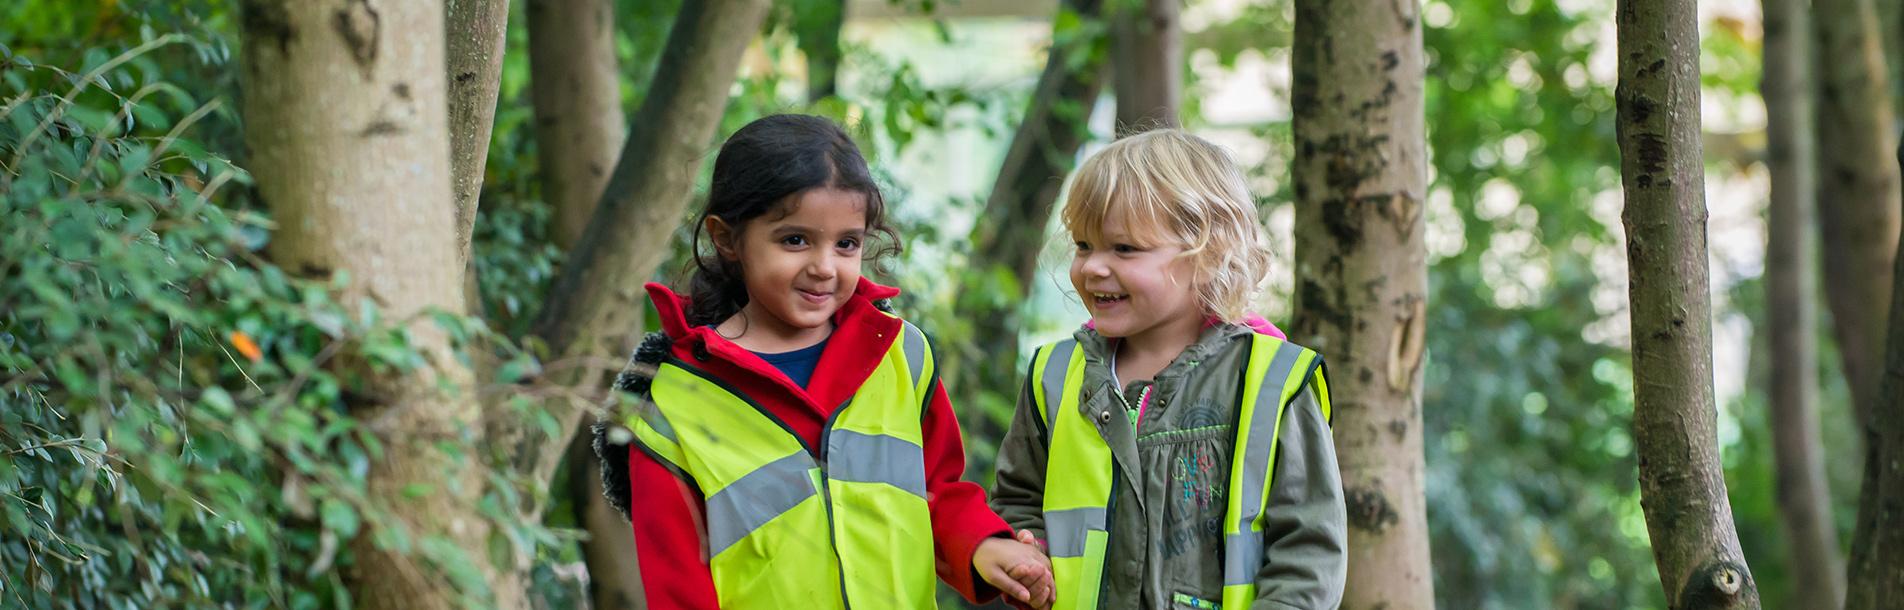 Two children walking in the garden